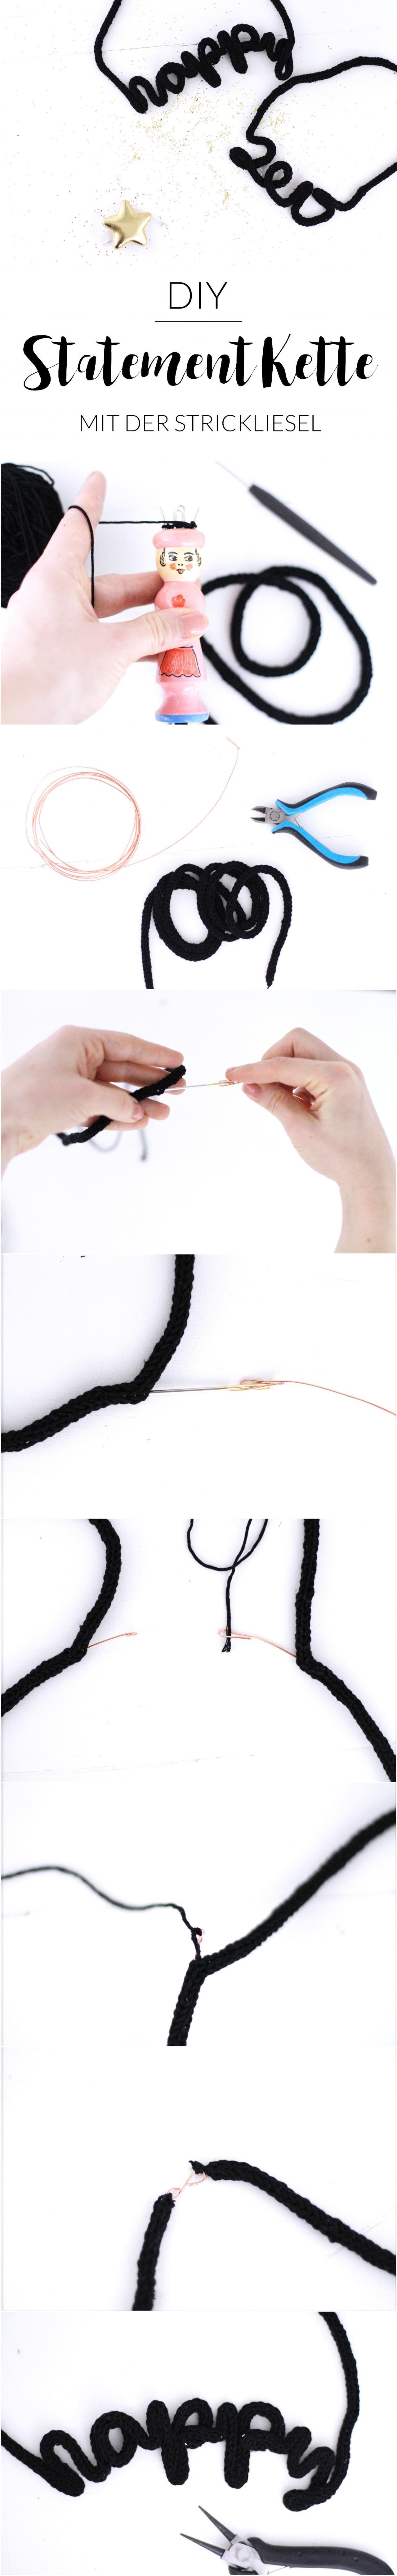 Strick liesel strick get crafty strickliesel strickliesel ideen und schmuck - Strickliesel selber machen ...